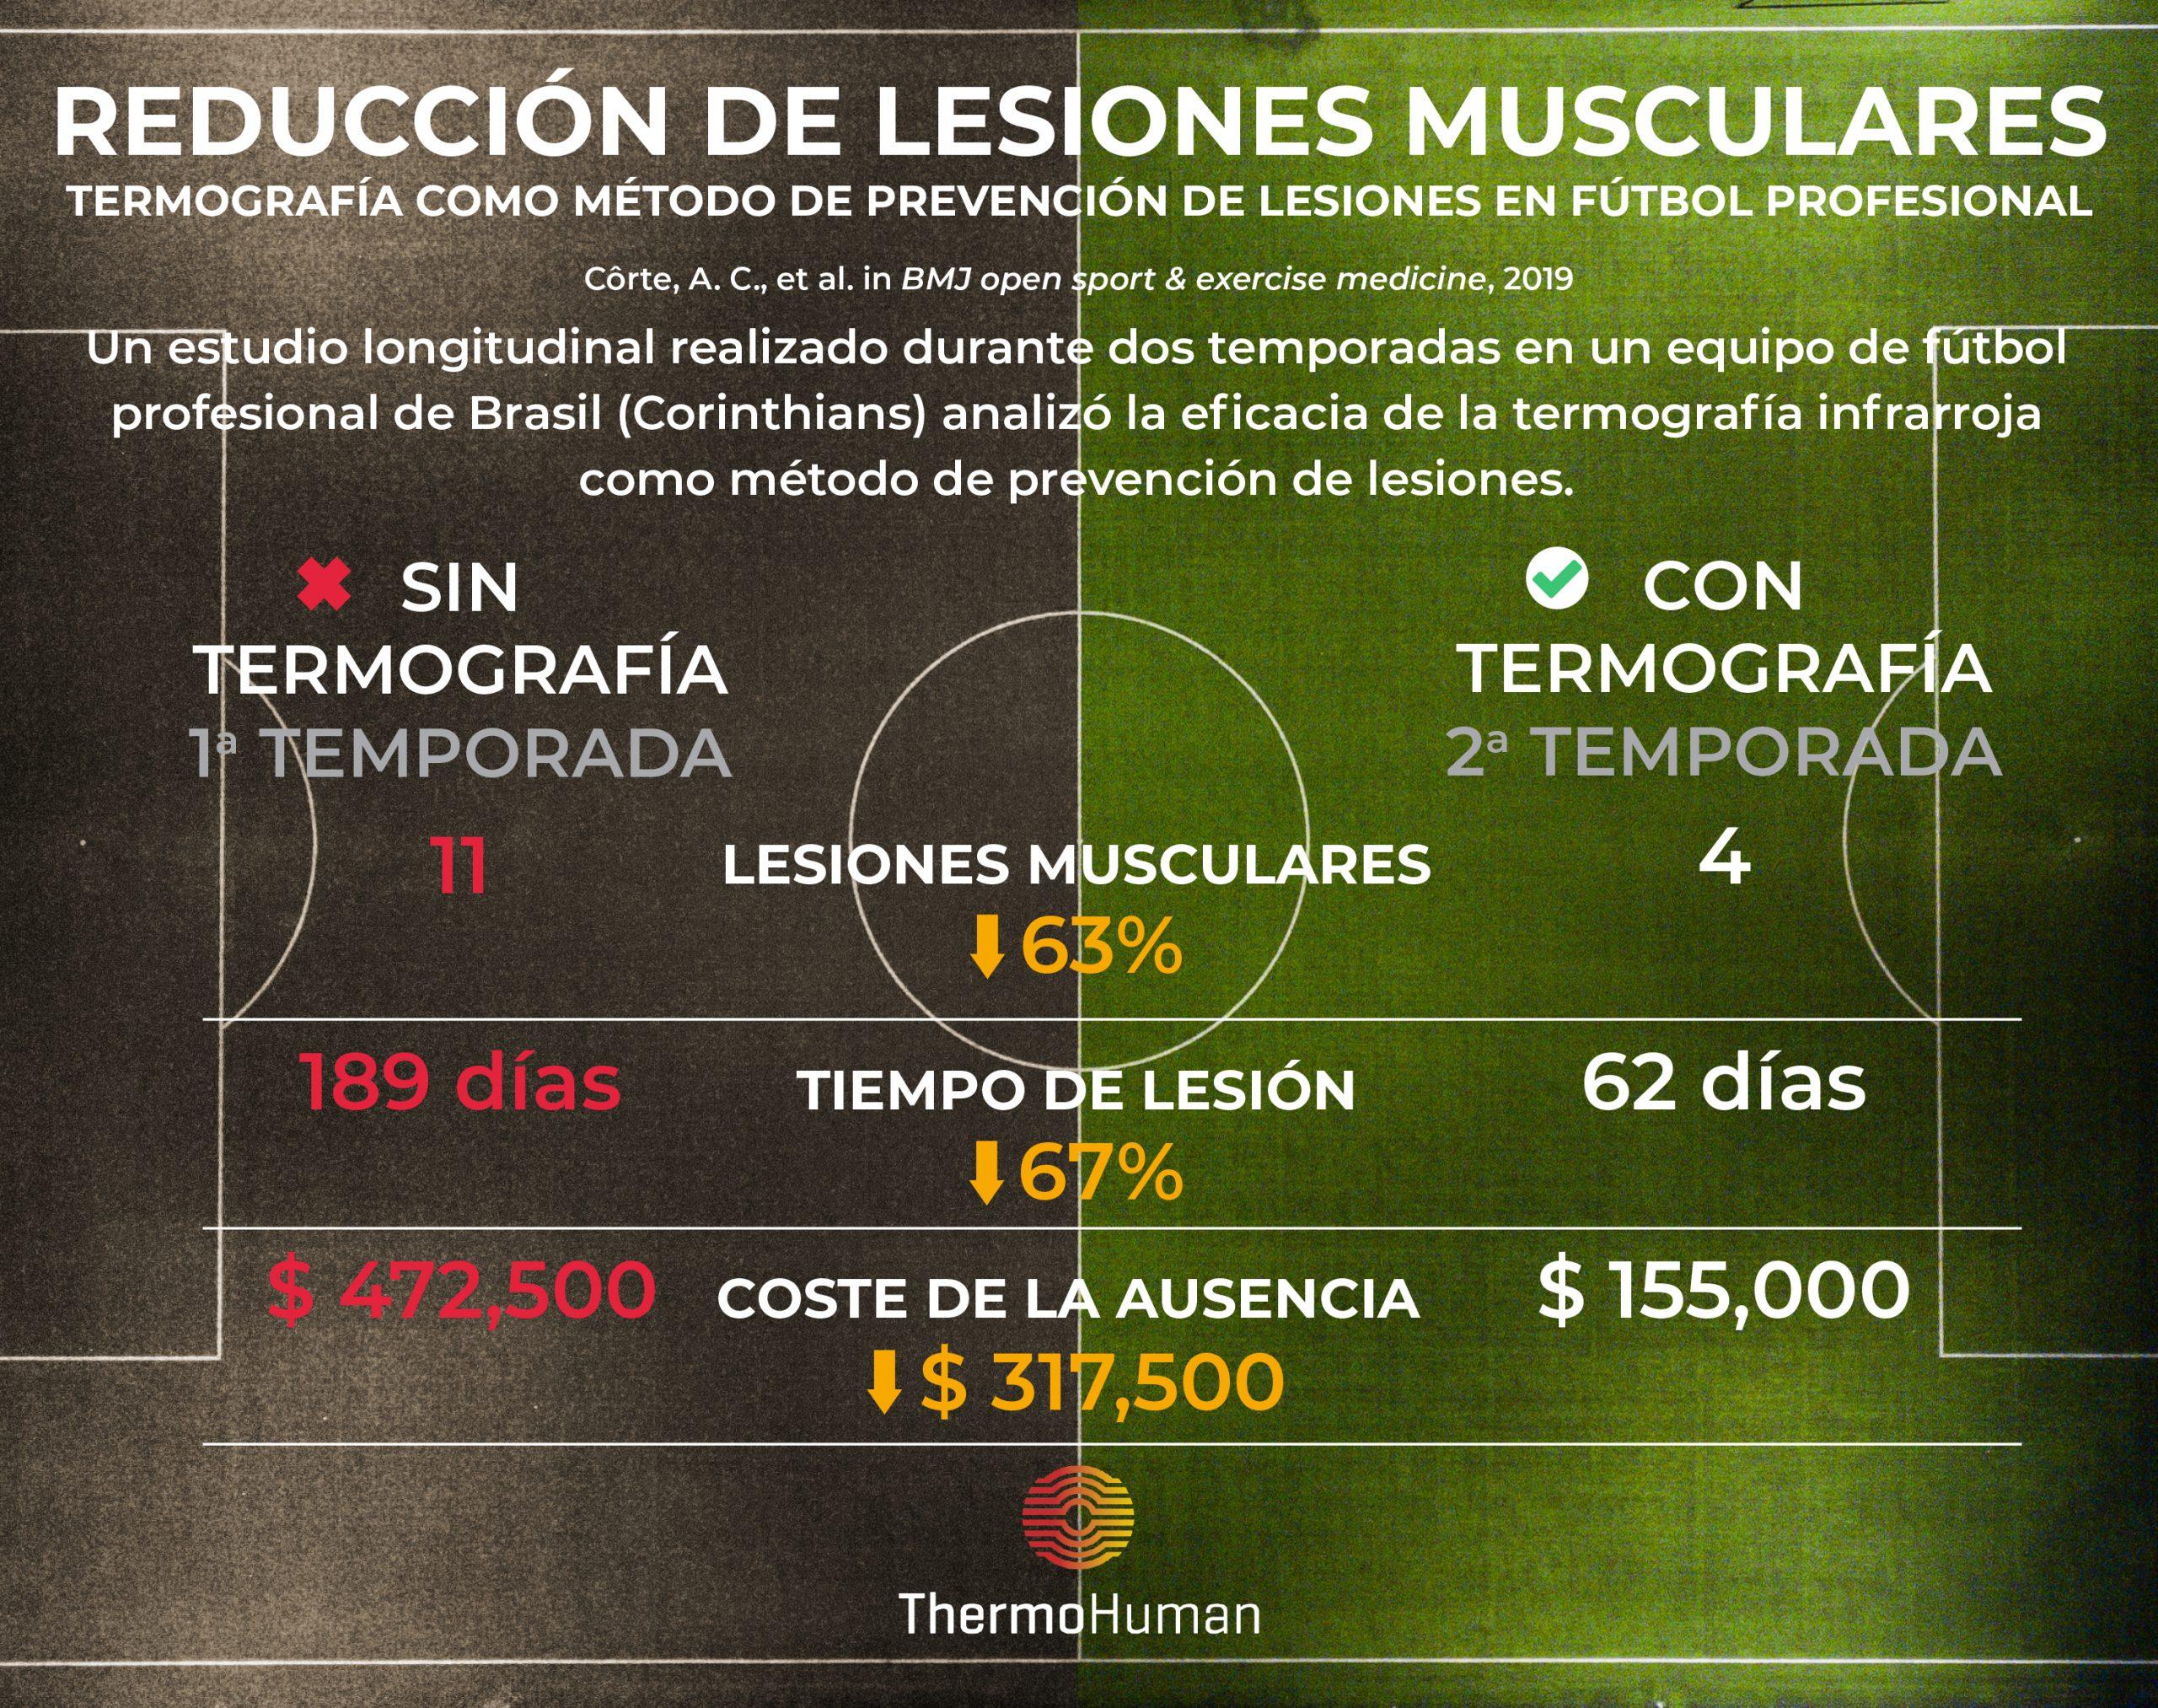 Termografía como método de prevención de lesiones en fútbol profesional